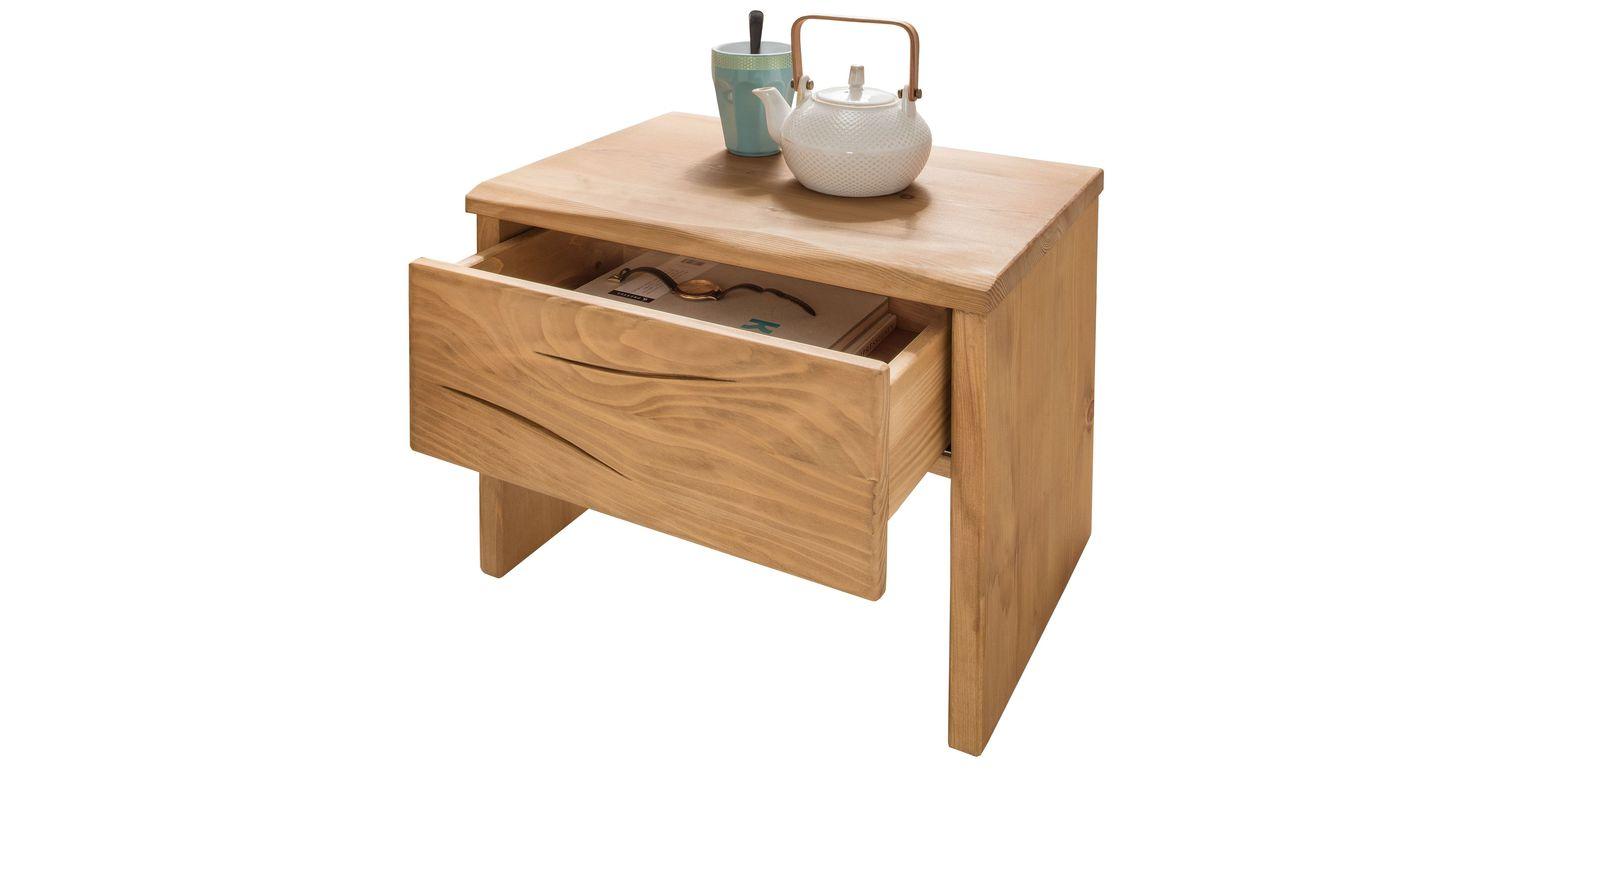 Nachttisch aus massiver Fichte mit leichtgängiger Schublade